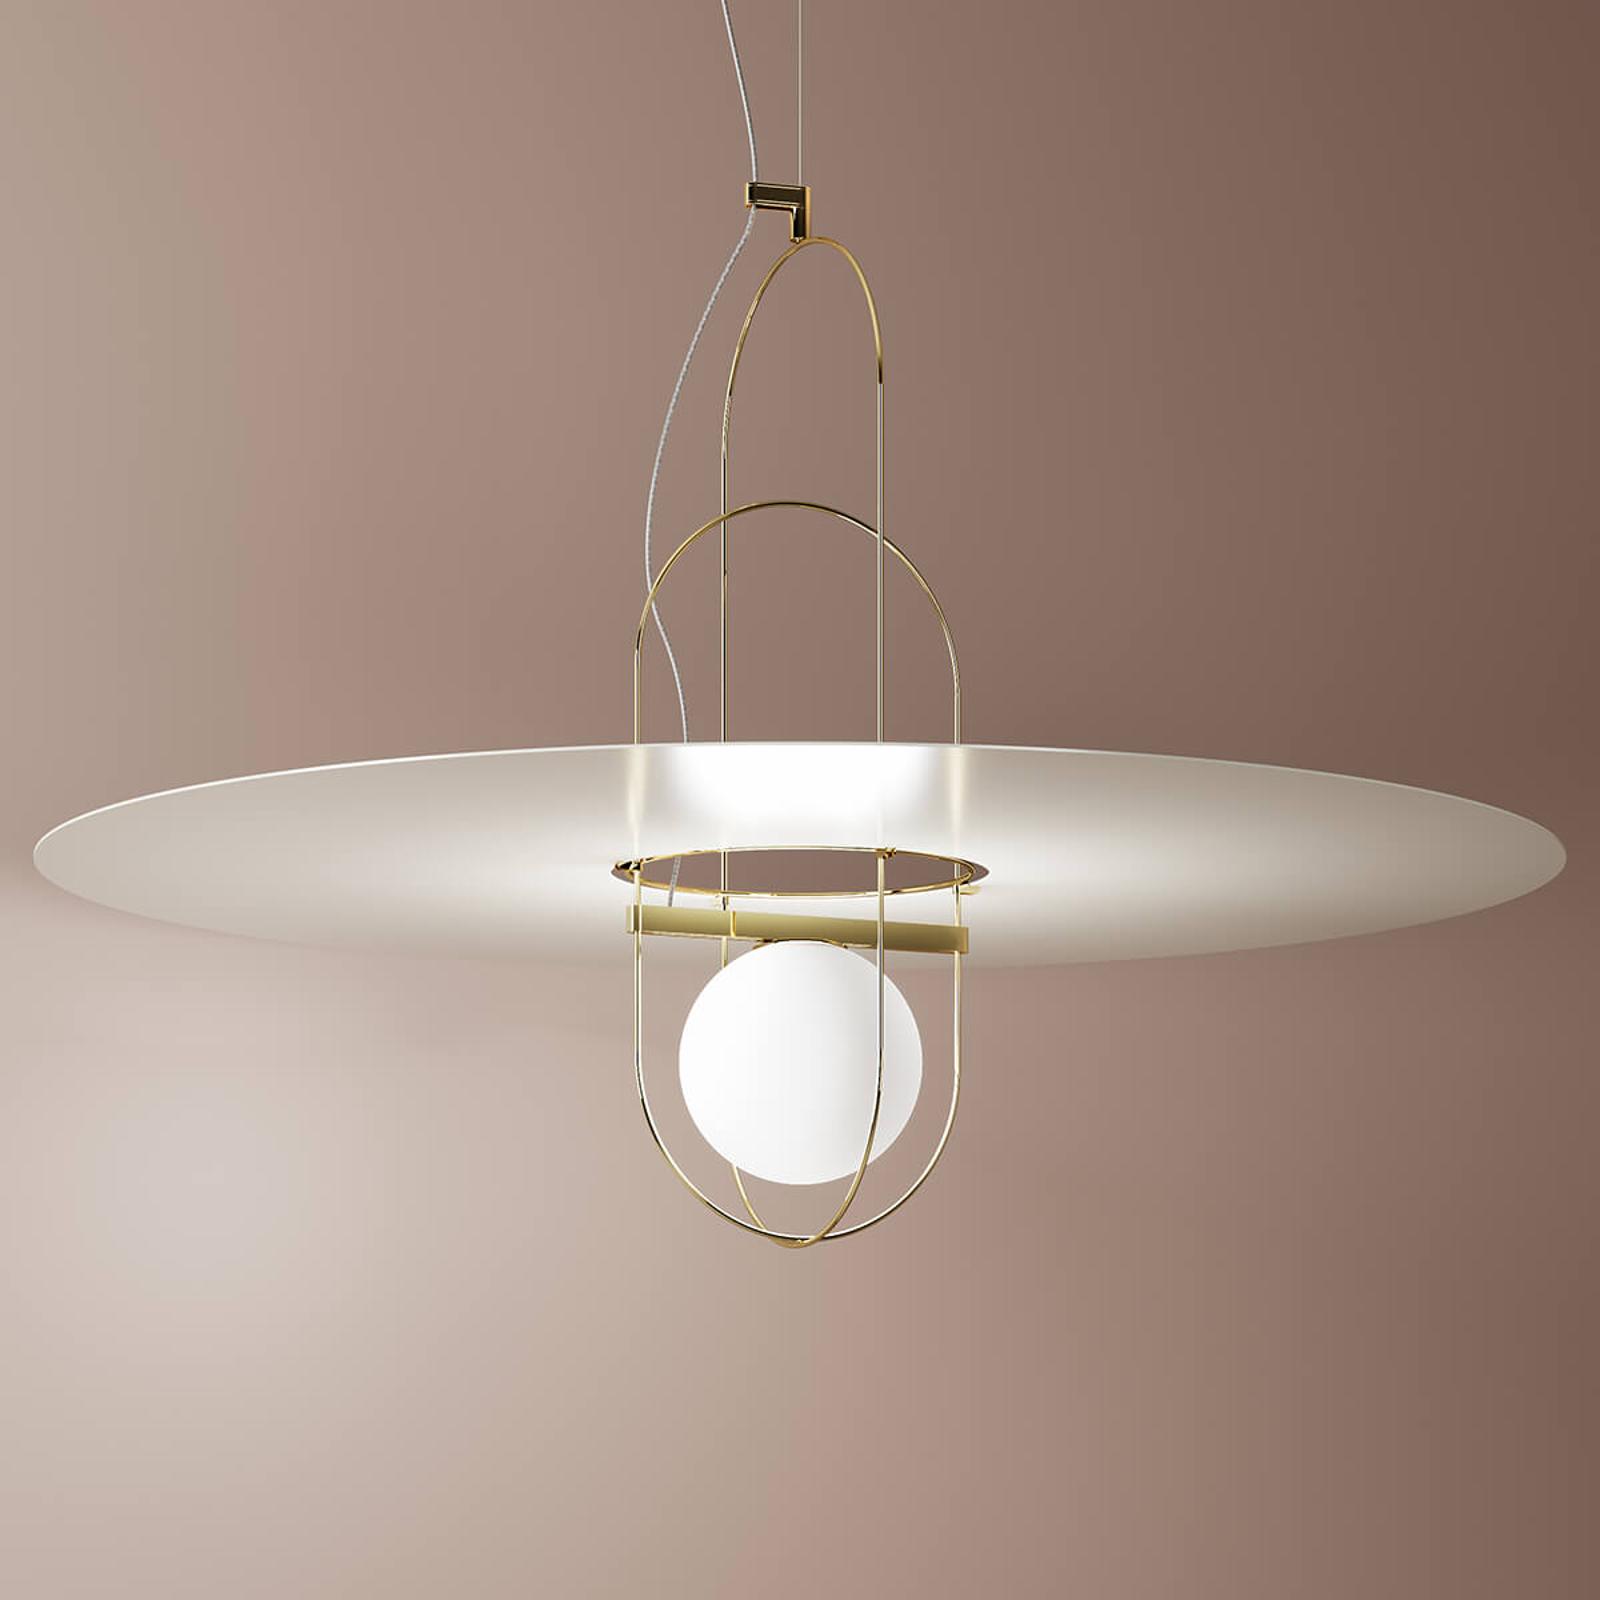 Suspension LED blanche et dorée Setareh